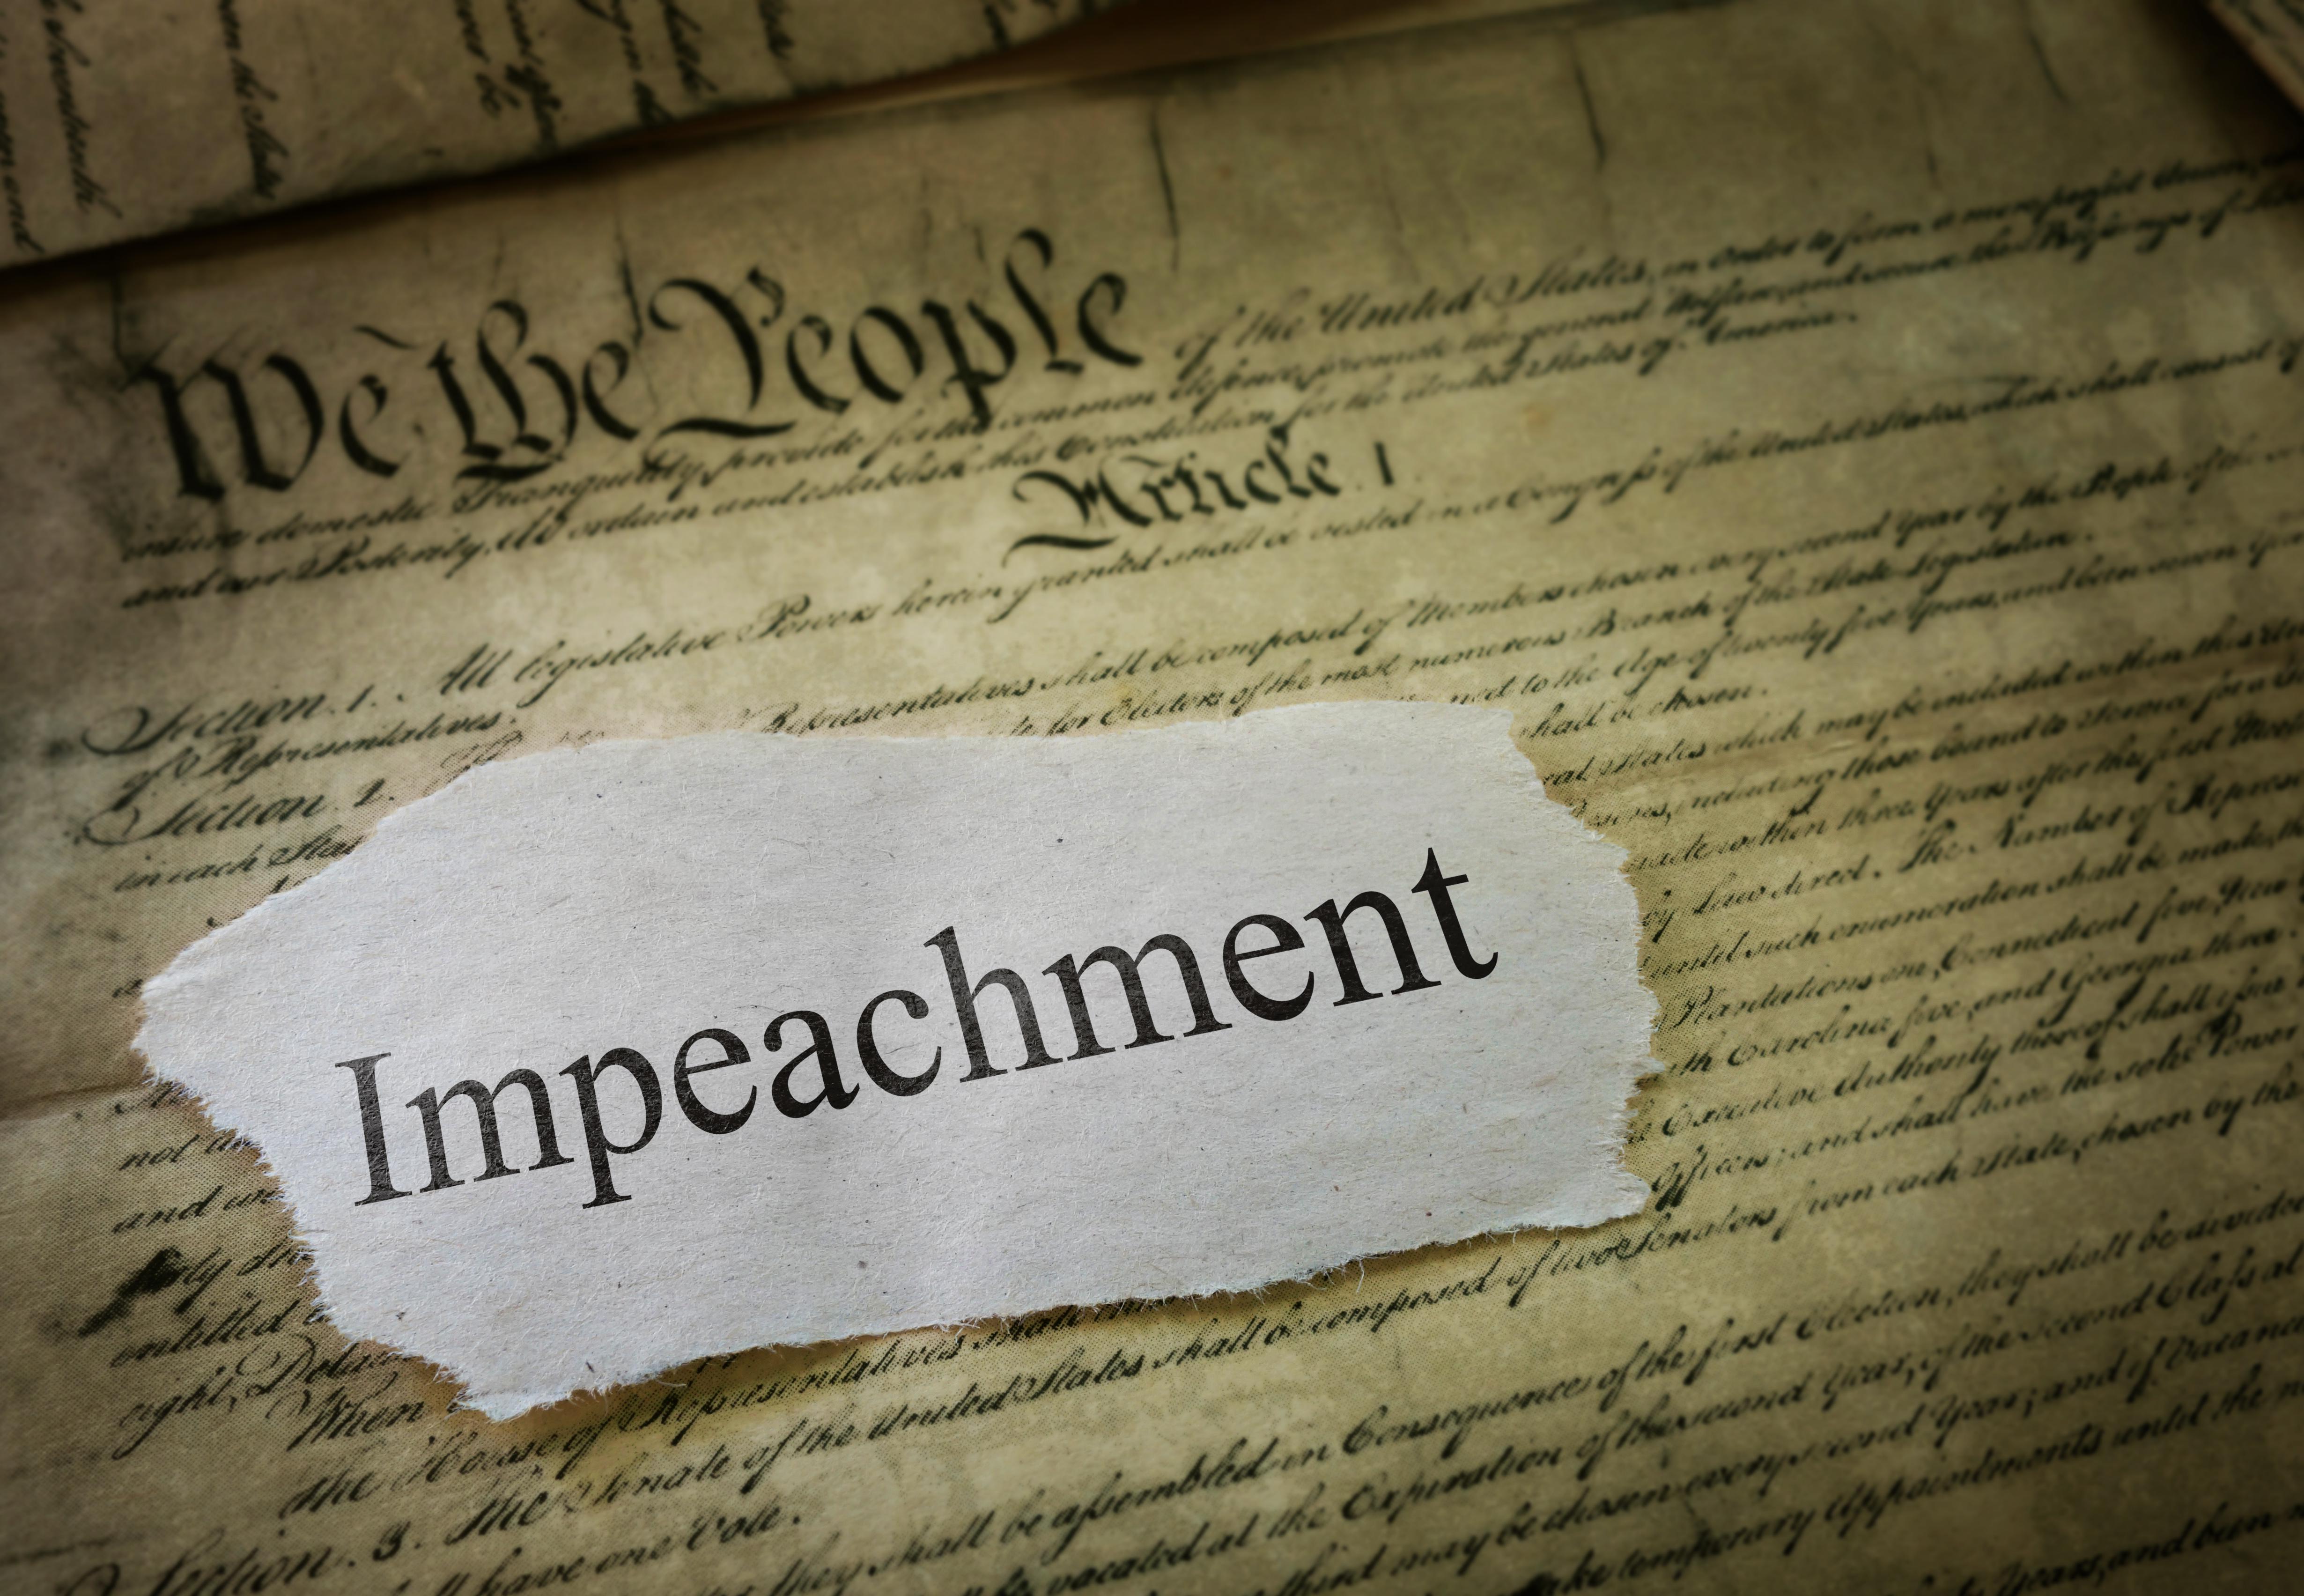 Impeachment news headline